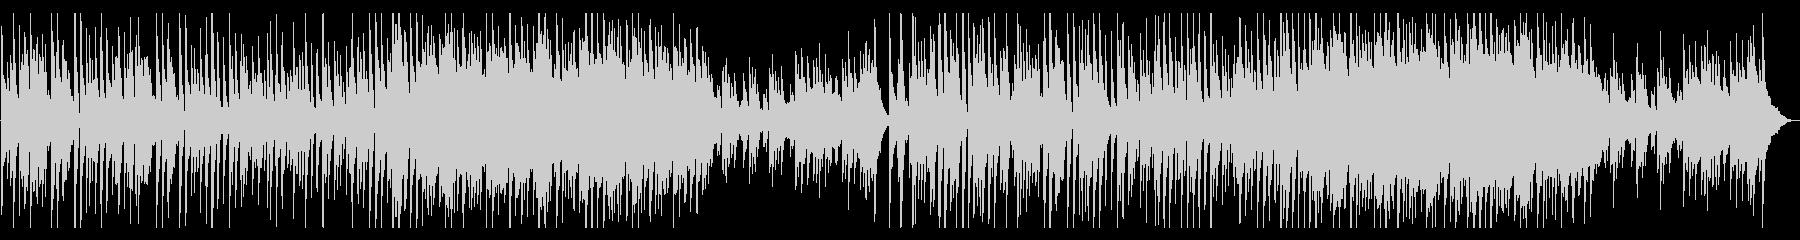 エレガントでジャズタッチなピアノポップの未再生の波形